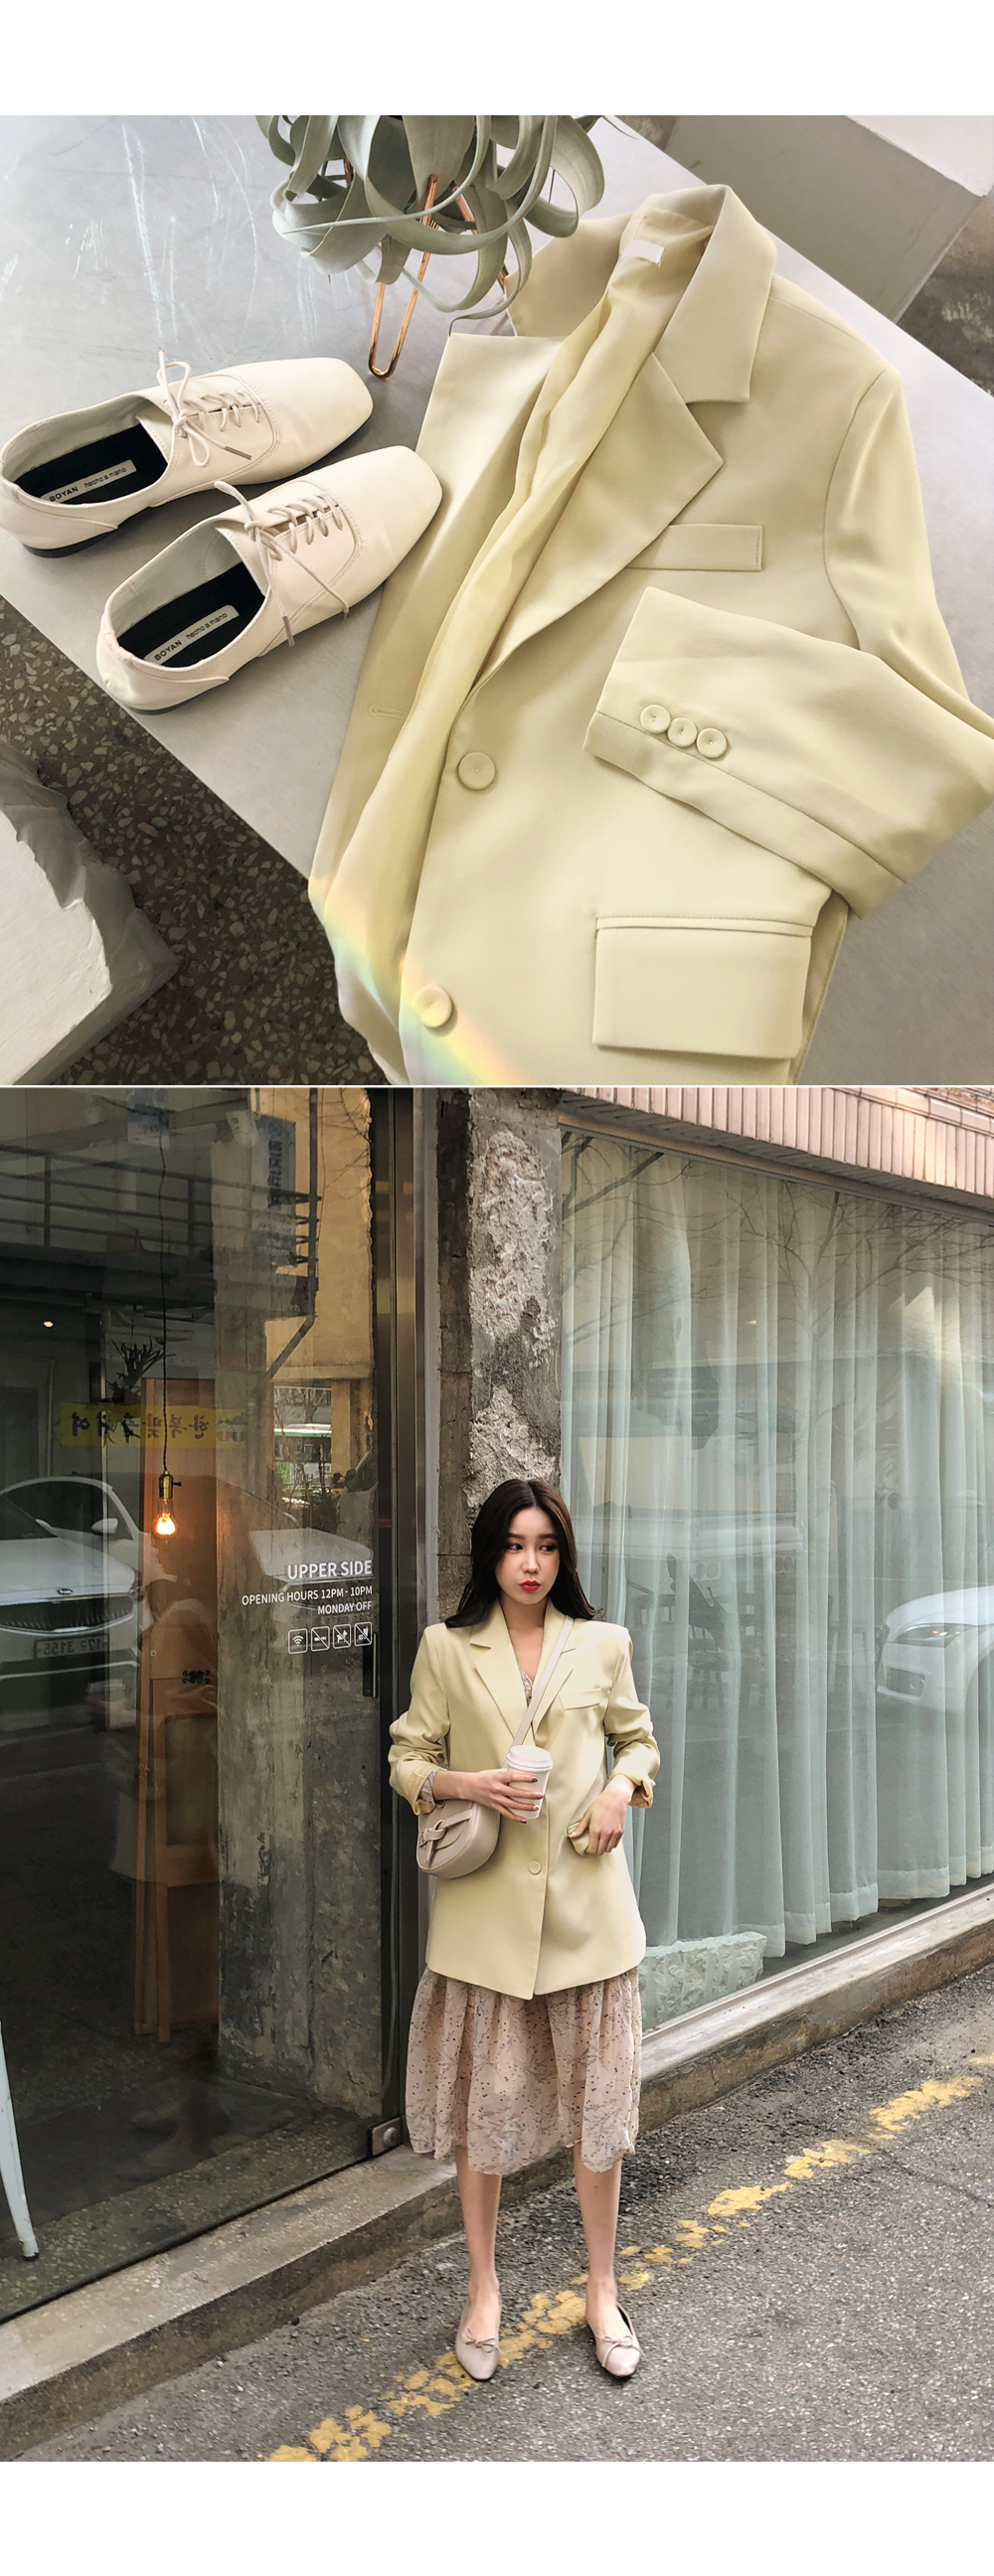 Rubin strap jacket